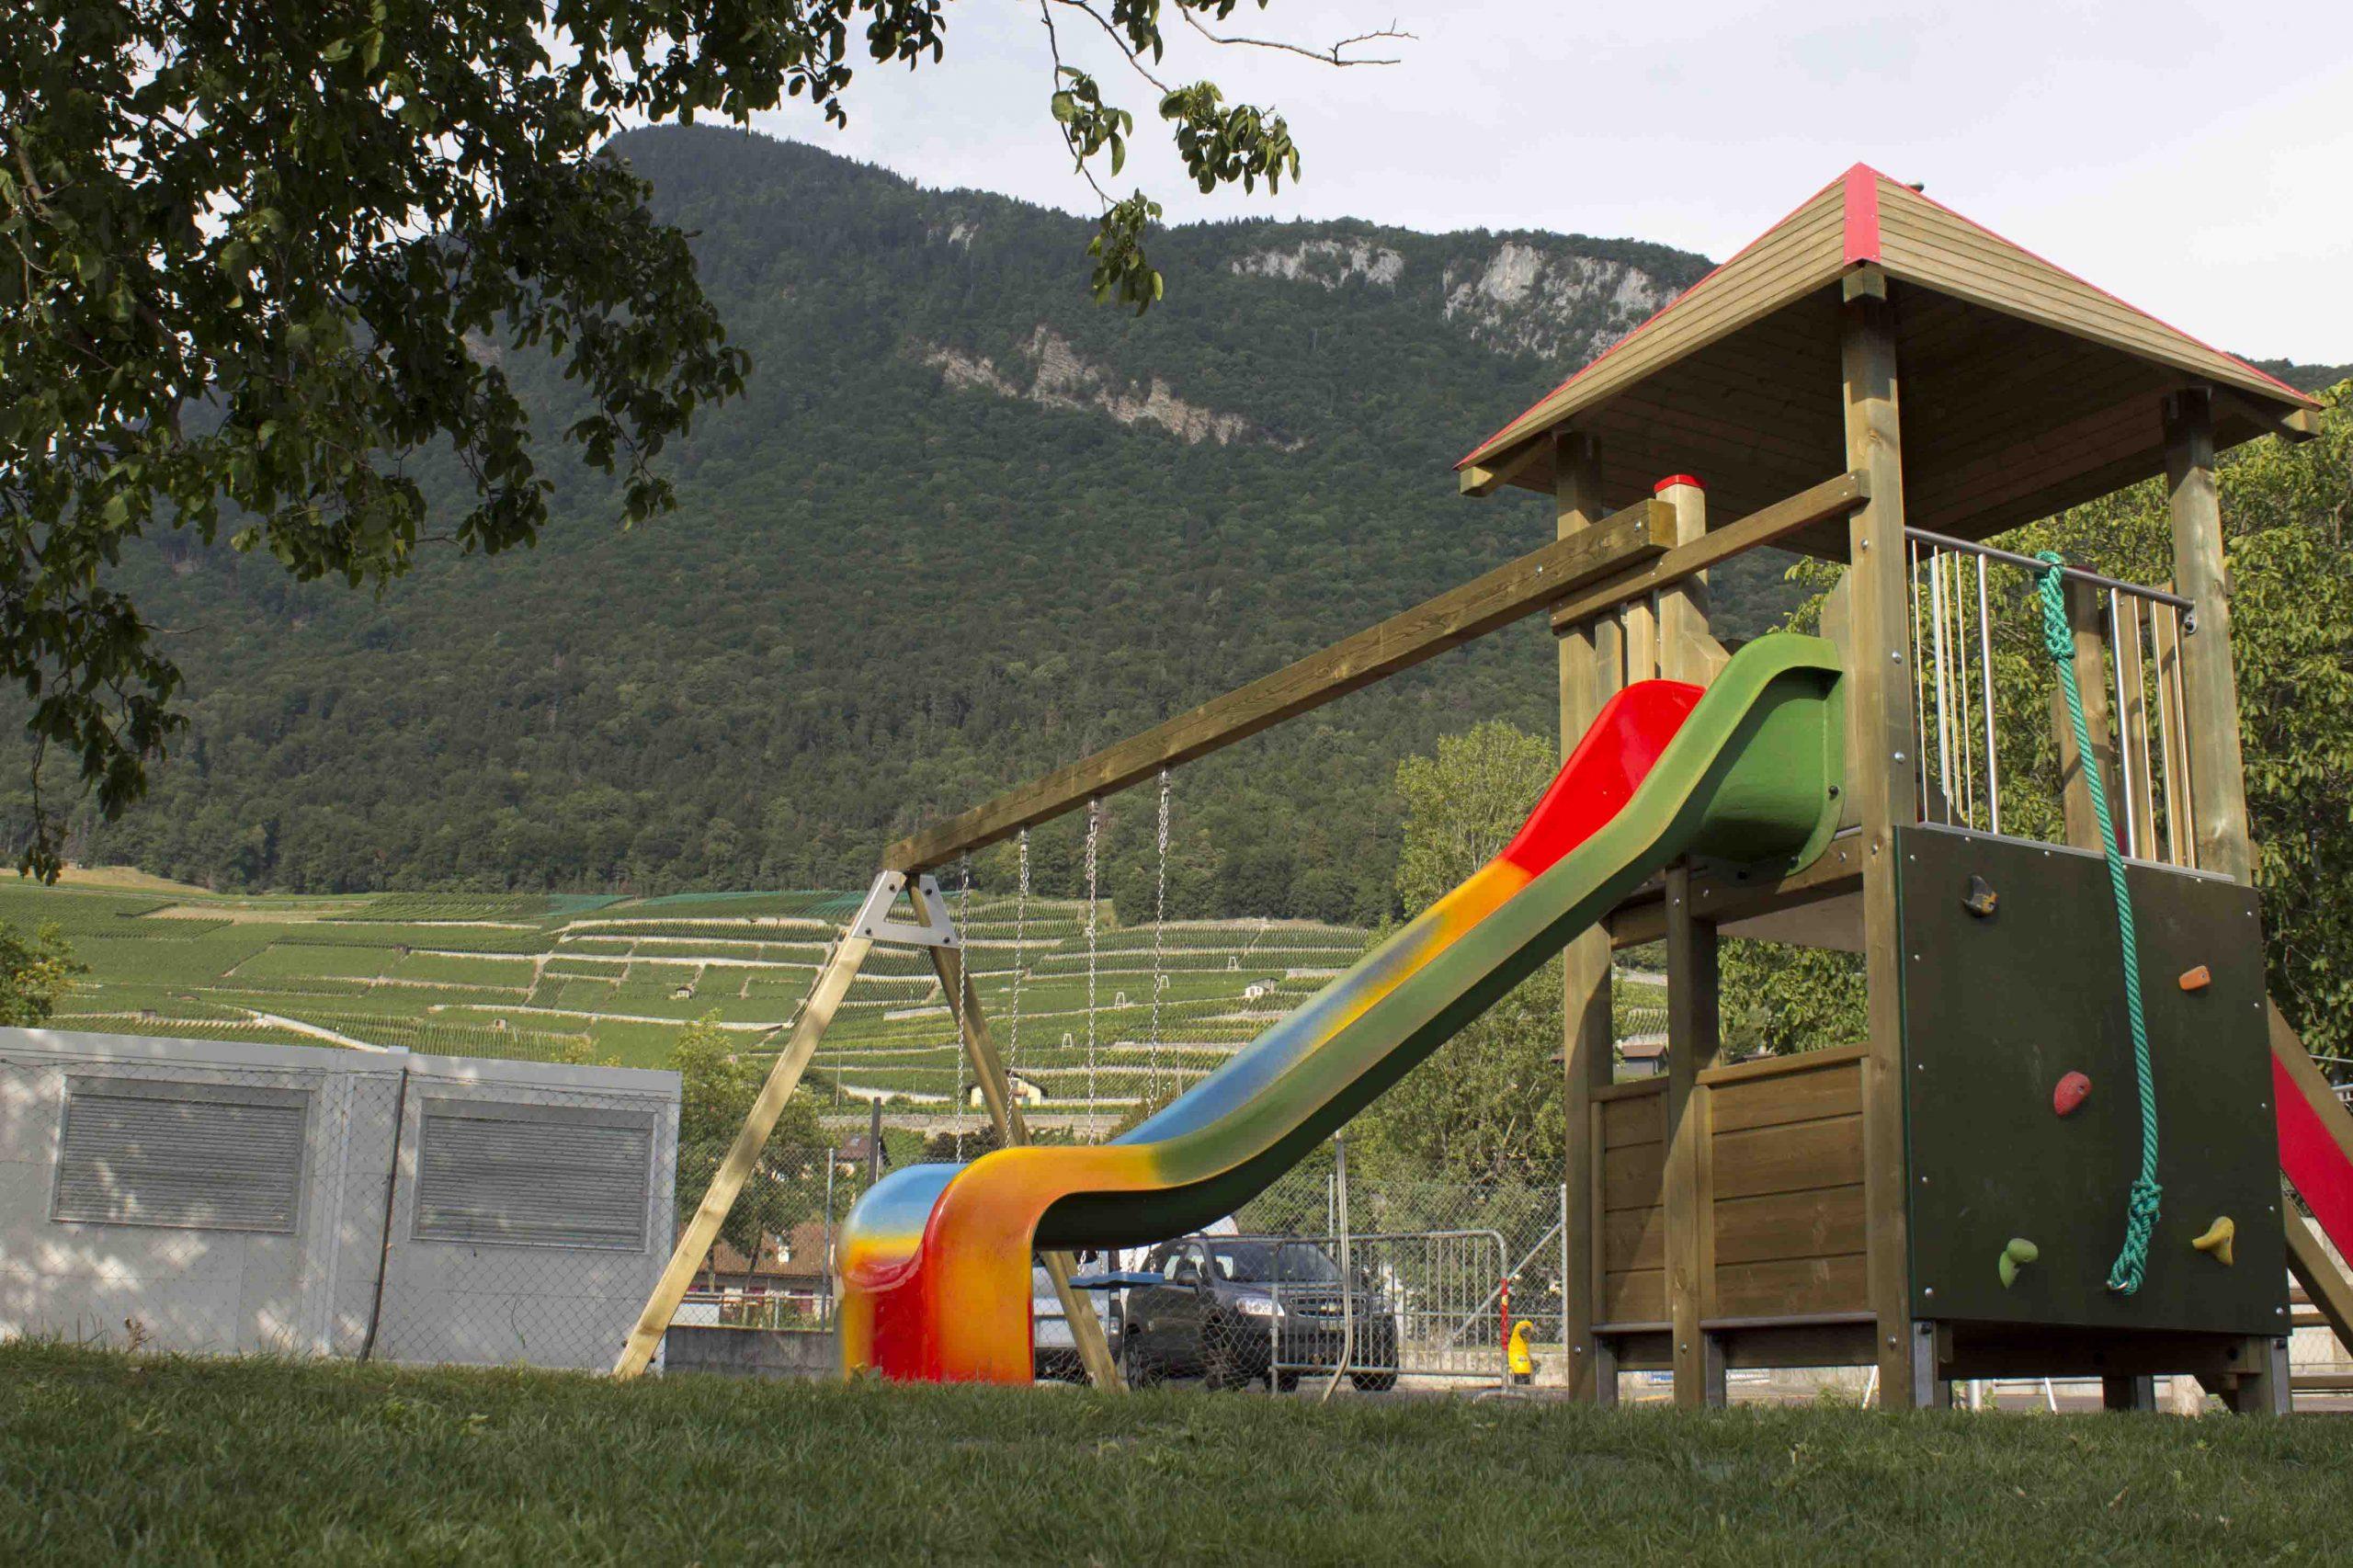 Camping De La Piscine | Le Camping Est Situé À Aigle En ... pour Piscine De L Aigle